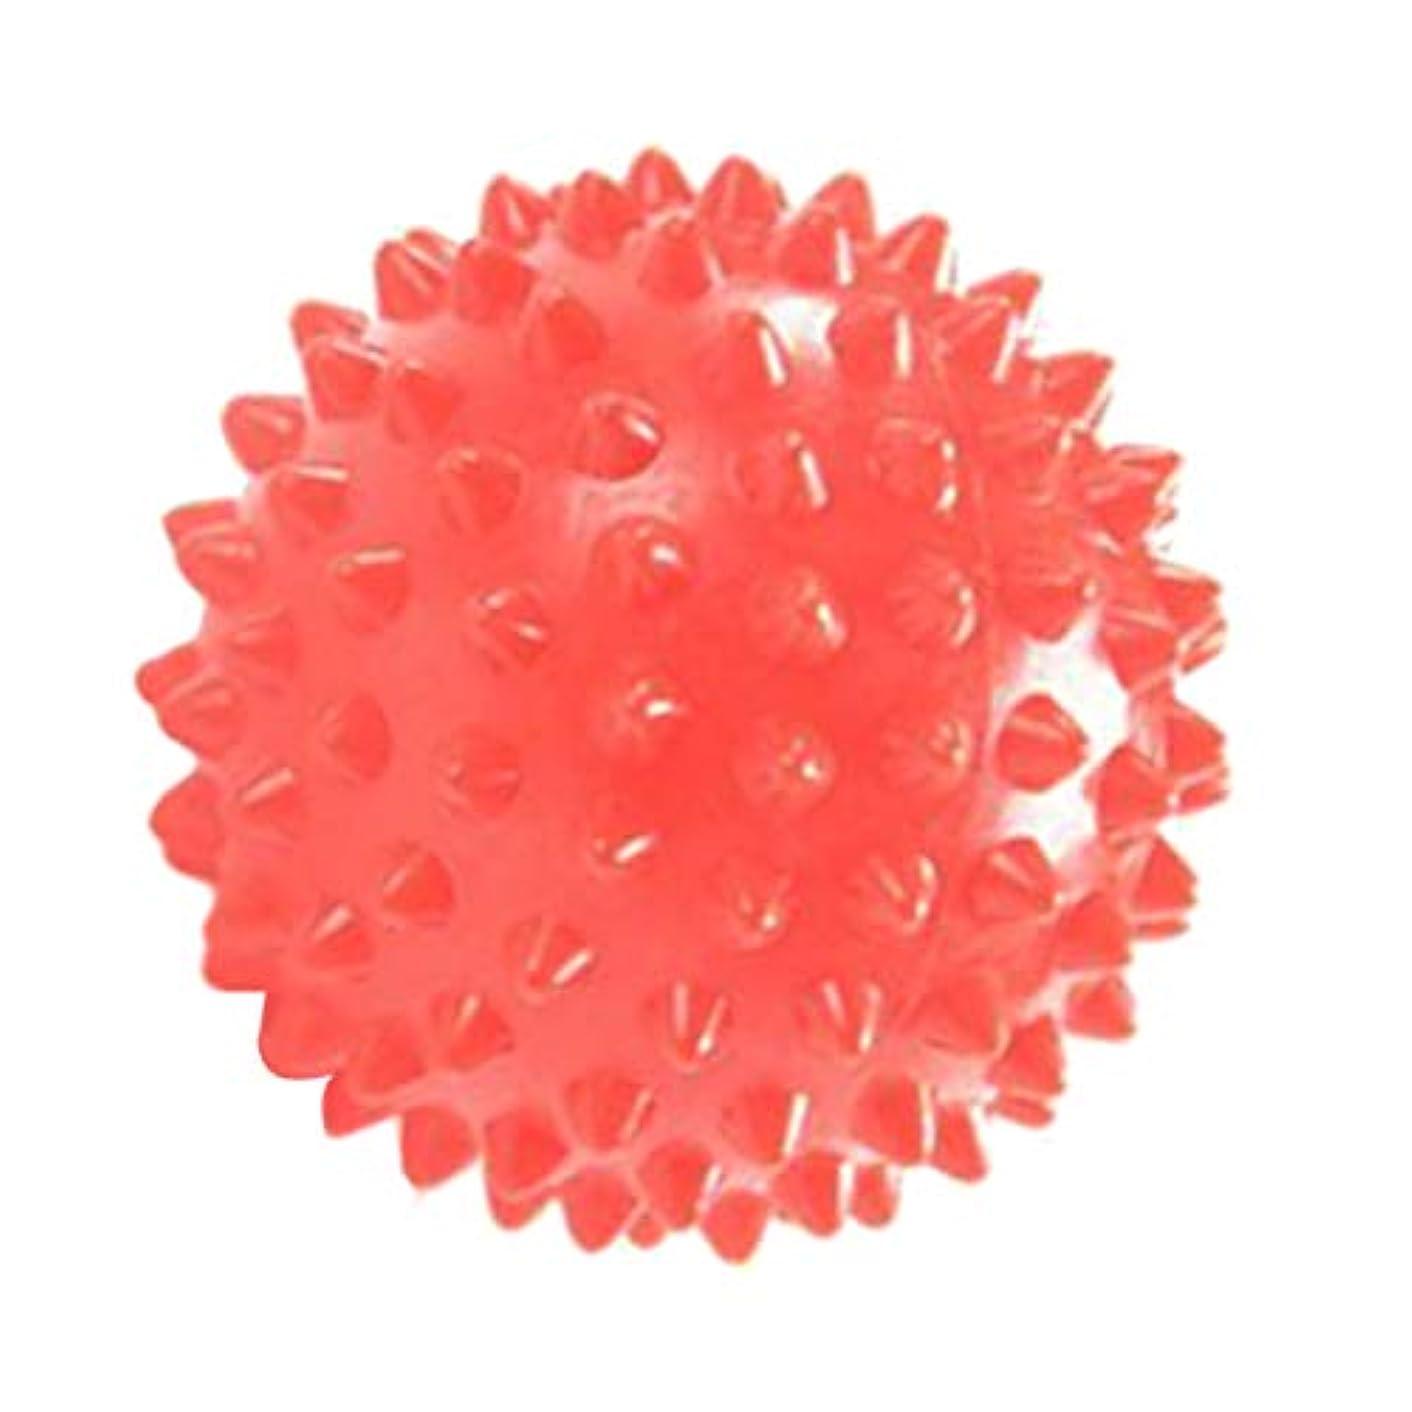 完全に乾くショート地図dailymall マッサージボール 触覚ボール リフレクションボール 指圧ボール ツボ押し 筋膜リリースヨガ 7cm